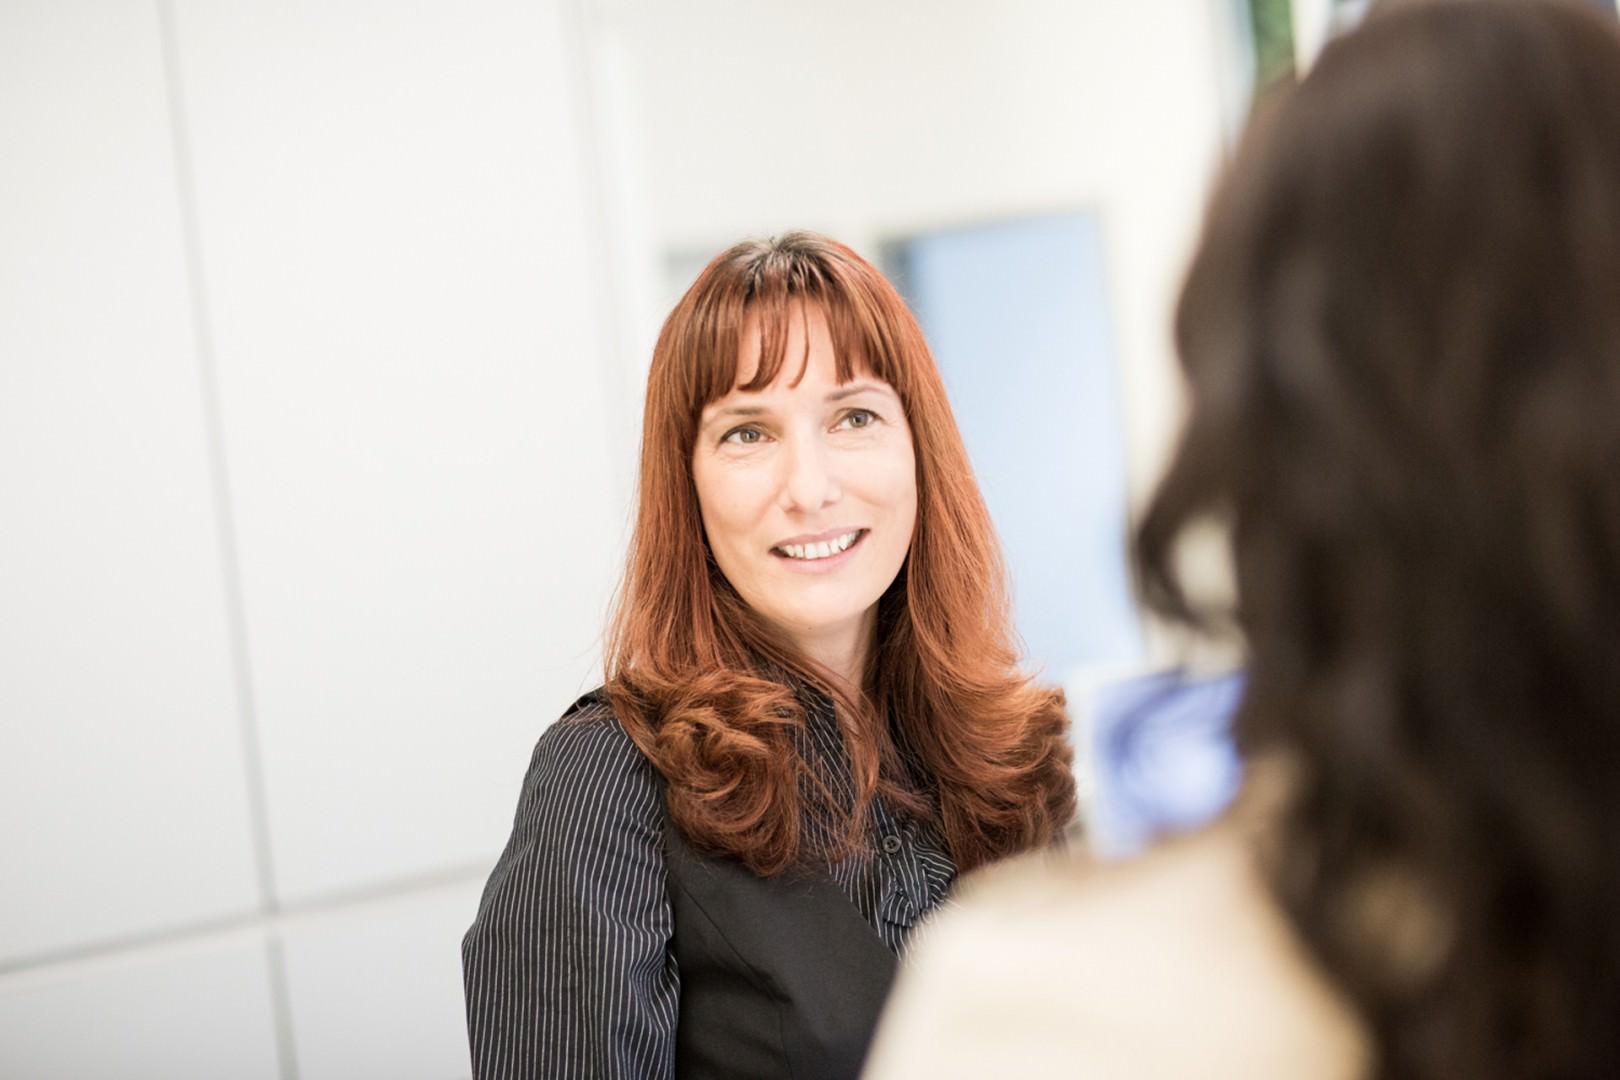 Zahnkultur Köln - Foto von Antje Schletter, Rezeption, mit einer Patientin